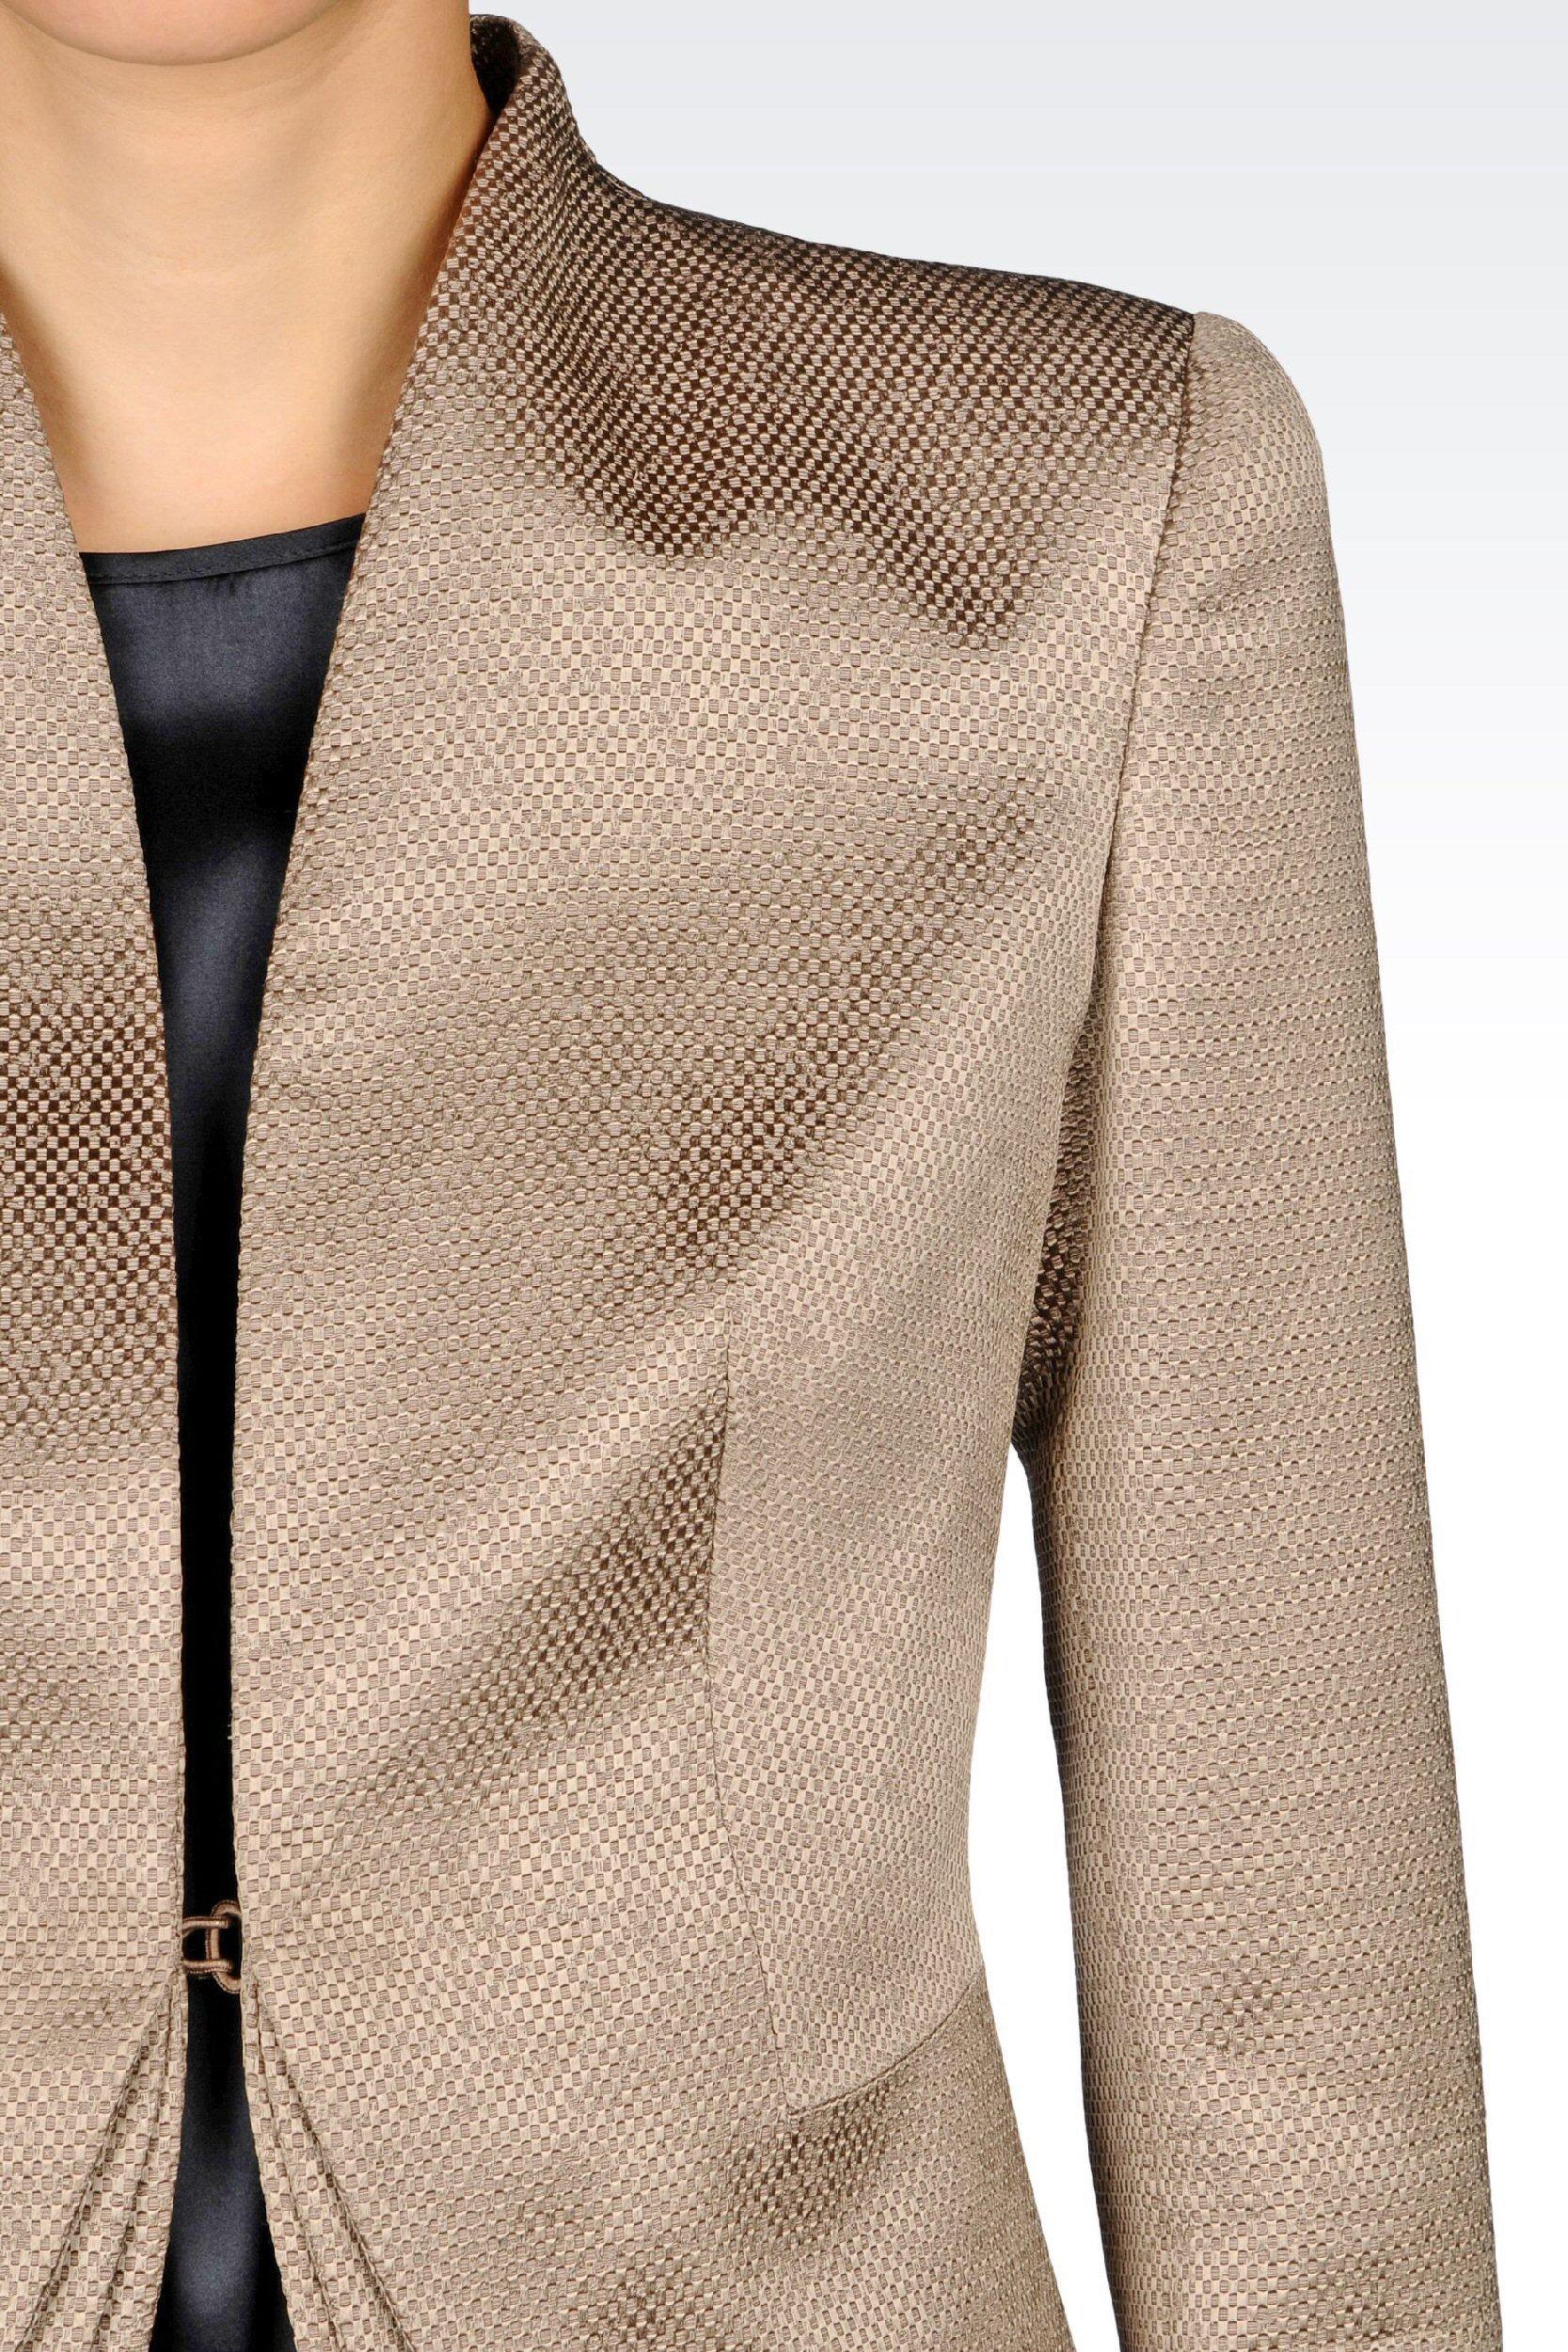 Armani Workwear 16-54